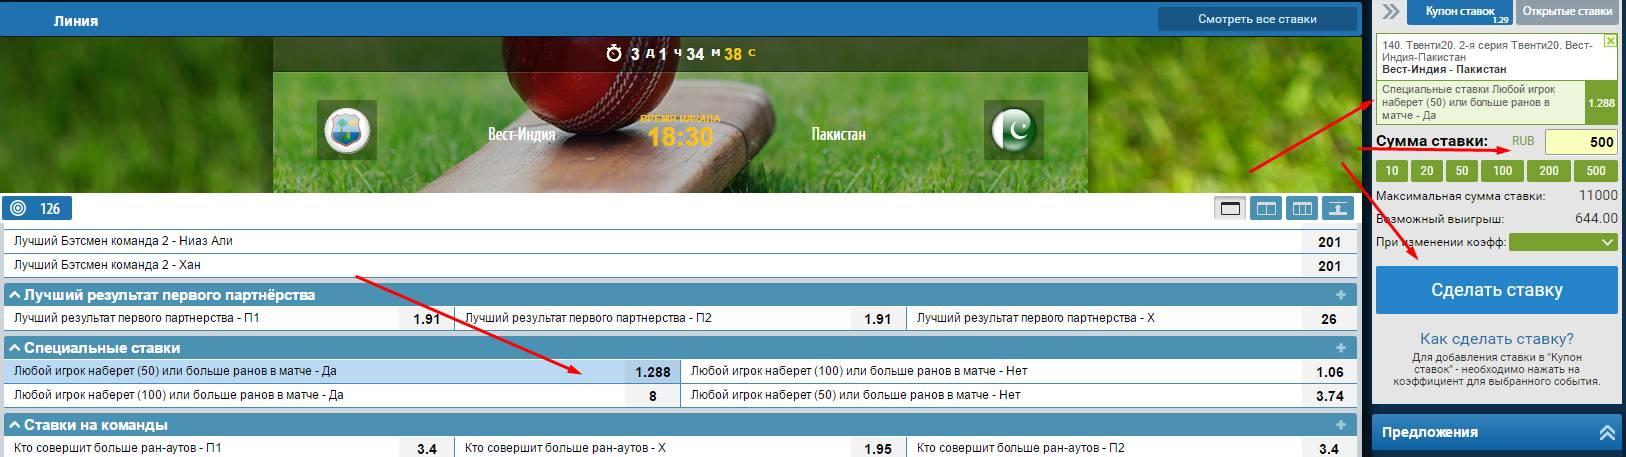 Крикет букмекерская контора